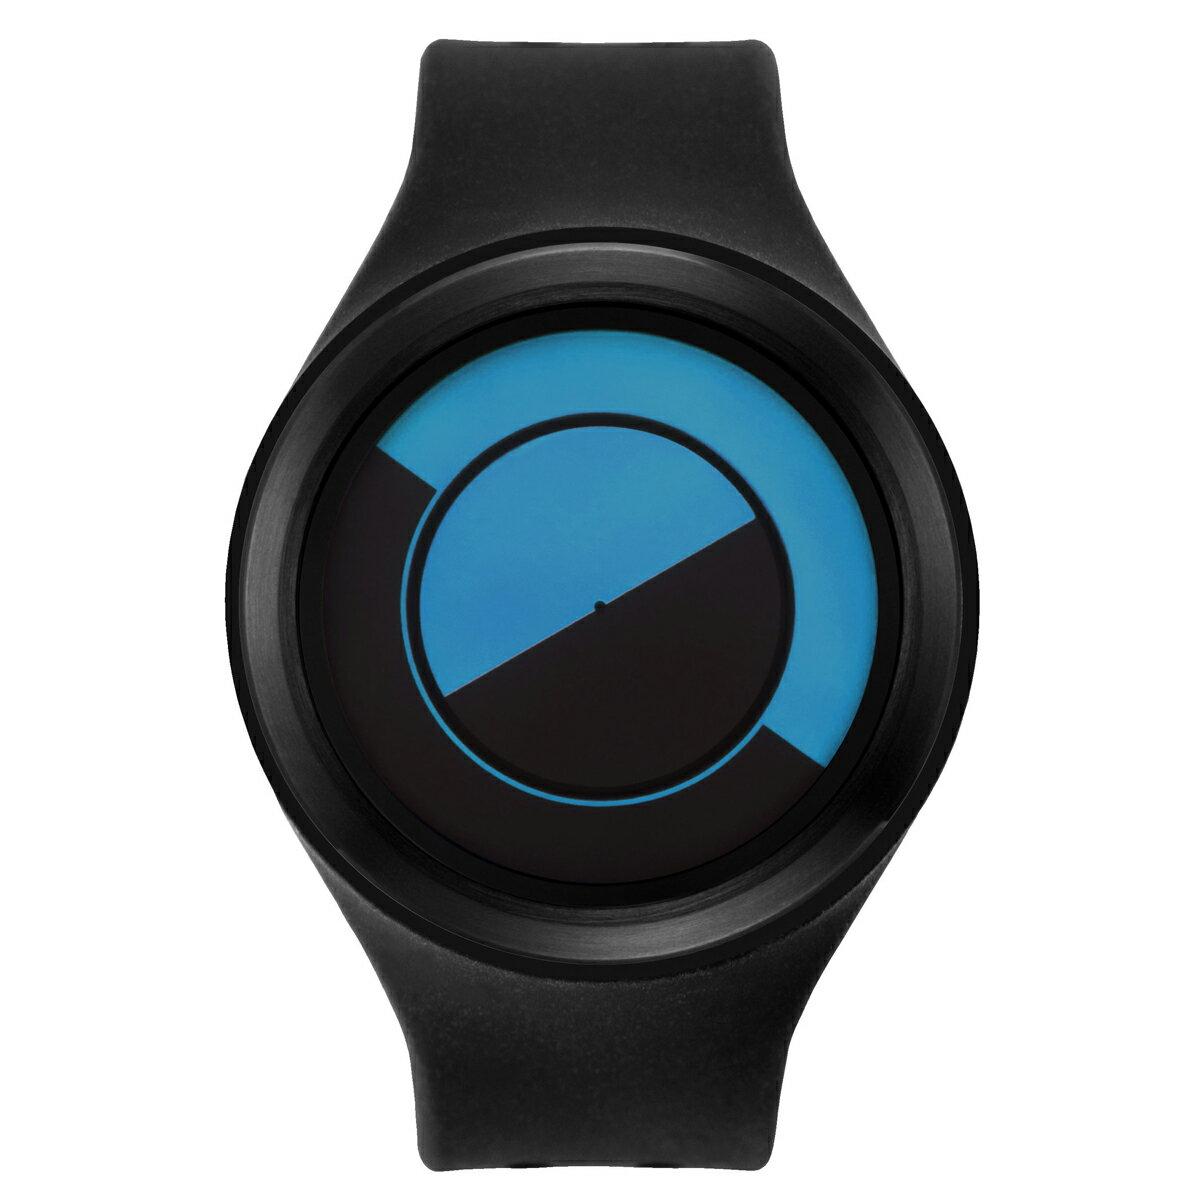 ZEROO QUARTER MOON ゼロ 電池式クォーツ 腕時計 [W01002B03SR02] ブラック デザインウォッチ ペア用 メンズ レディース ユニセックス おしゃれ時計 デザイナーズ